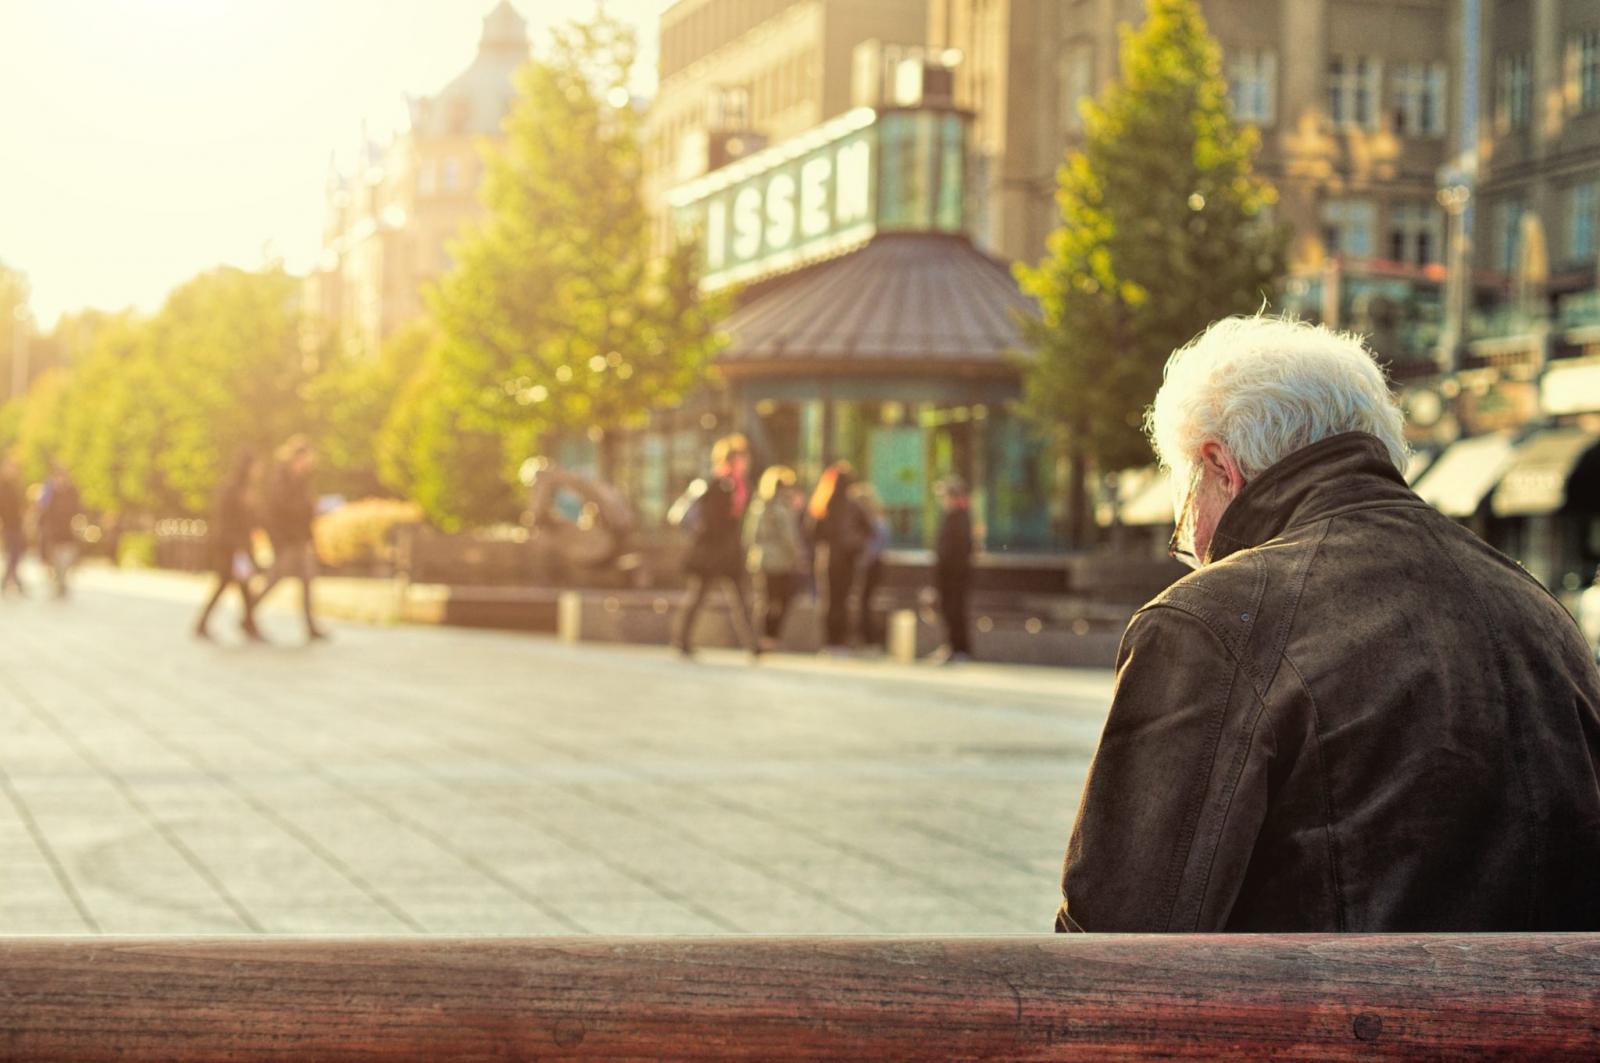 Нет удовольствия: названы три важныхпризнака депрессии